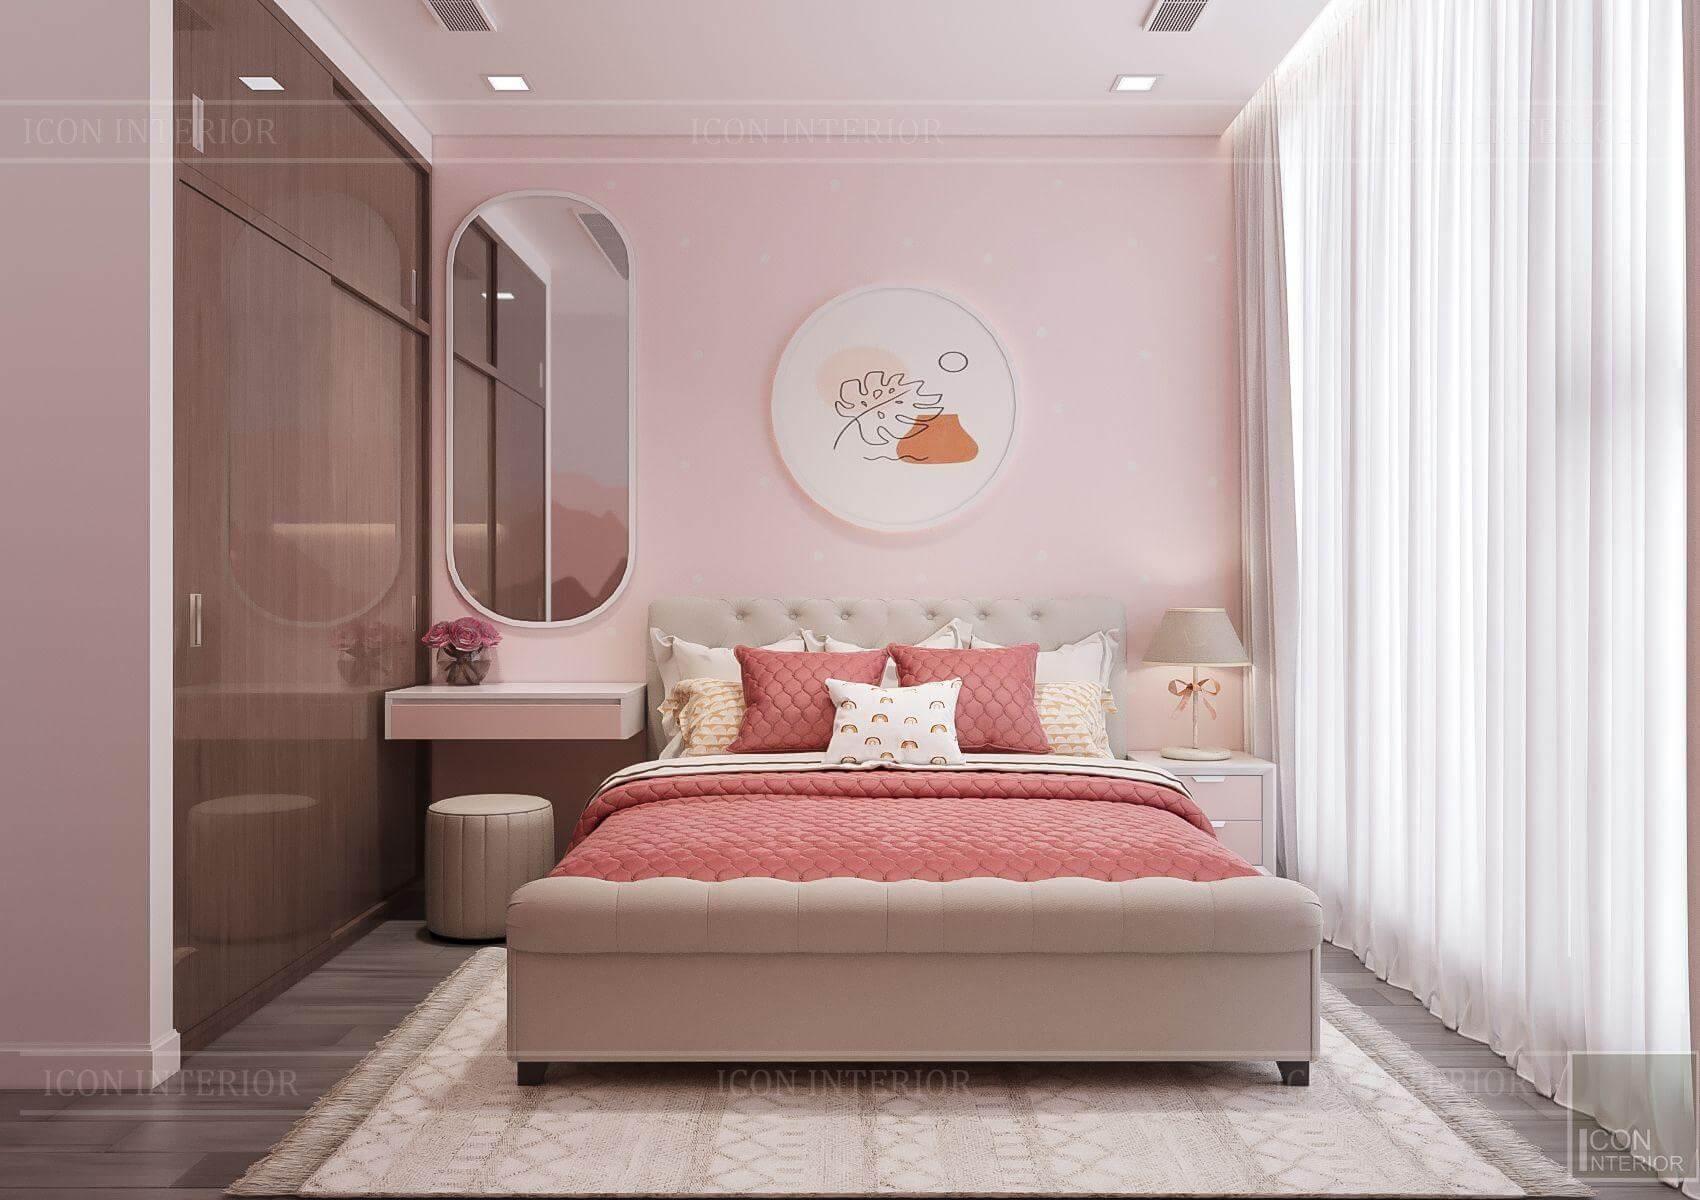 Thiết kế nội thất căn hộ chung cư Vinhomes Ba Son - phòng ngủ trẻ em